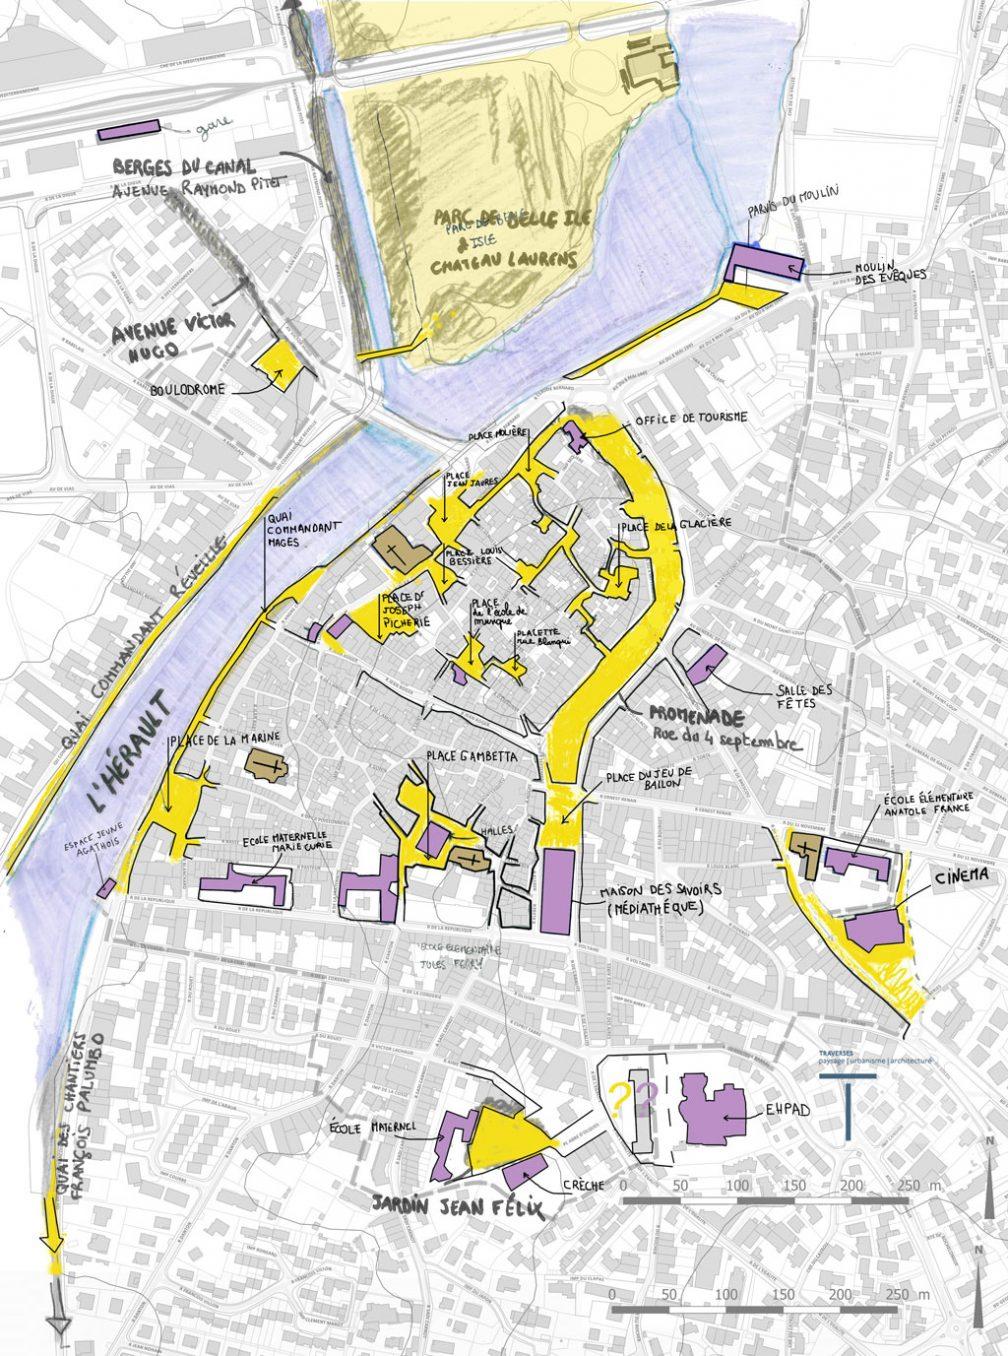 Traverses - cartographie de diagnostic : identifications des lieux publics importants